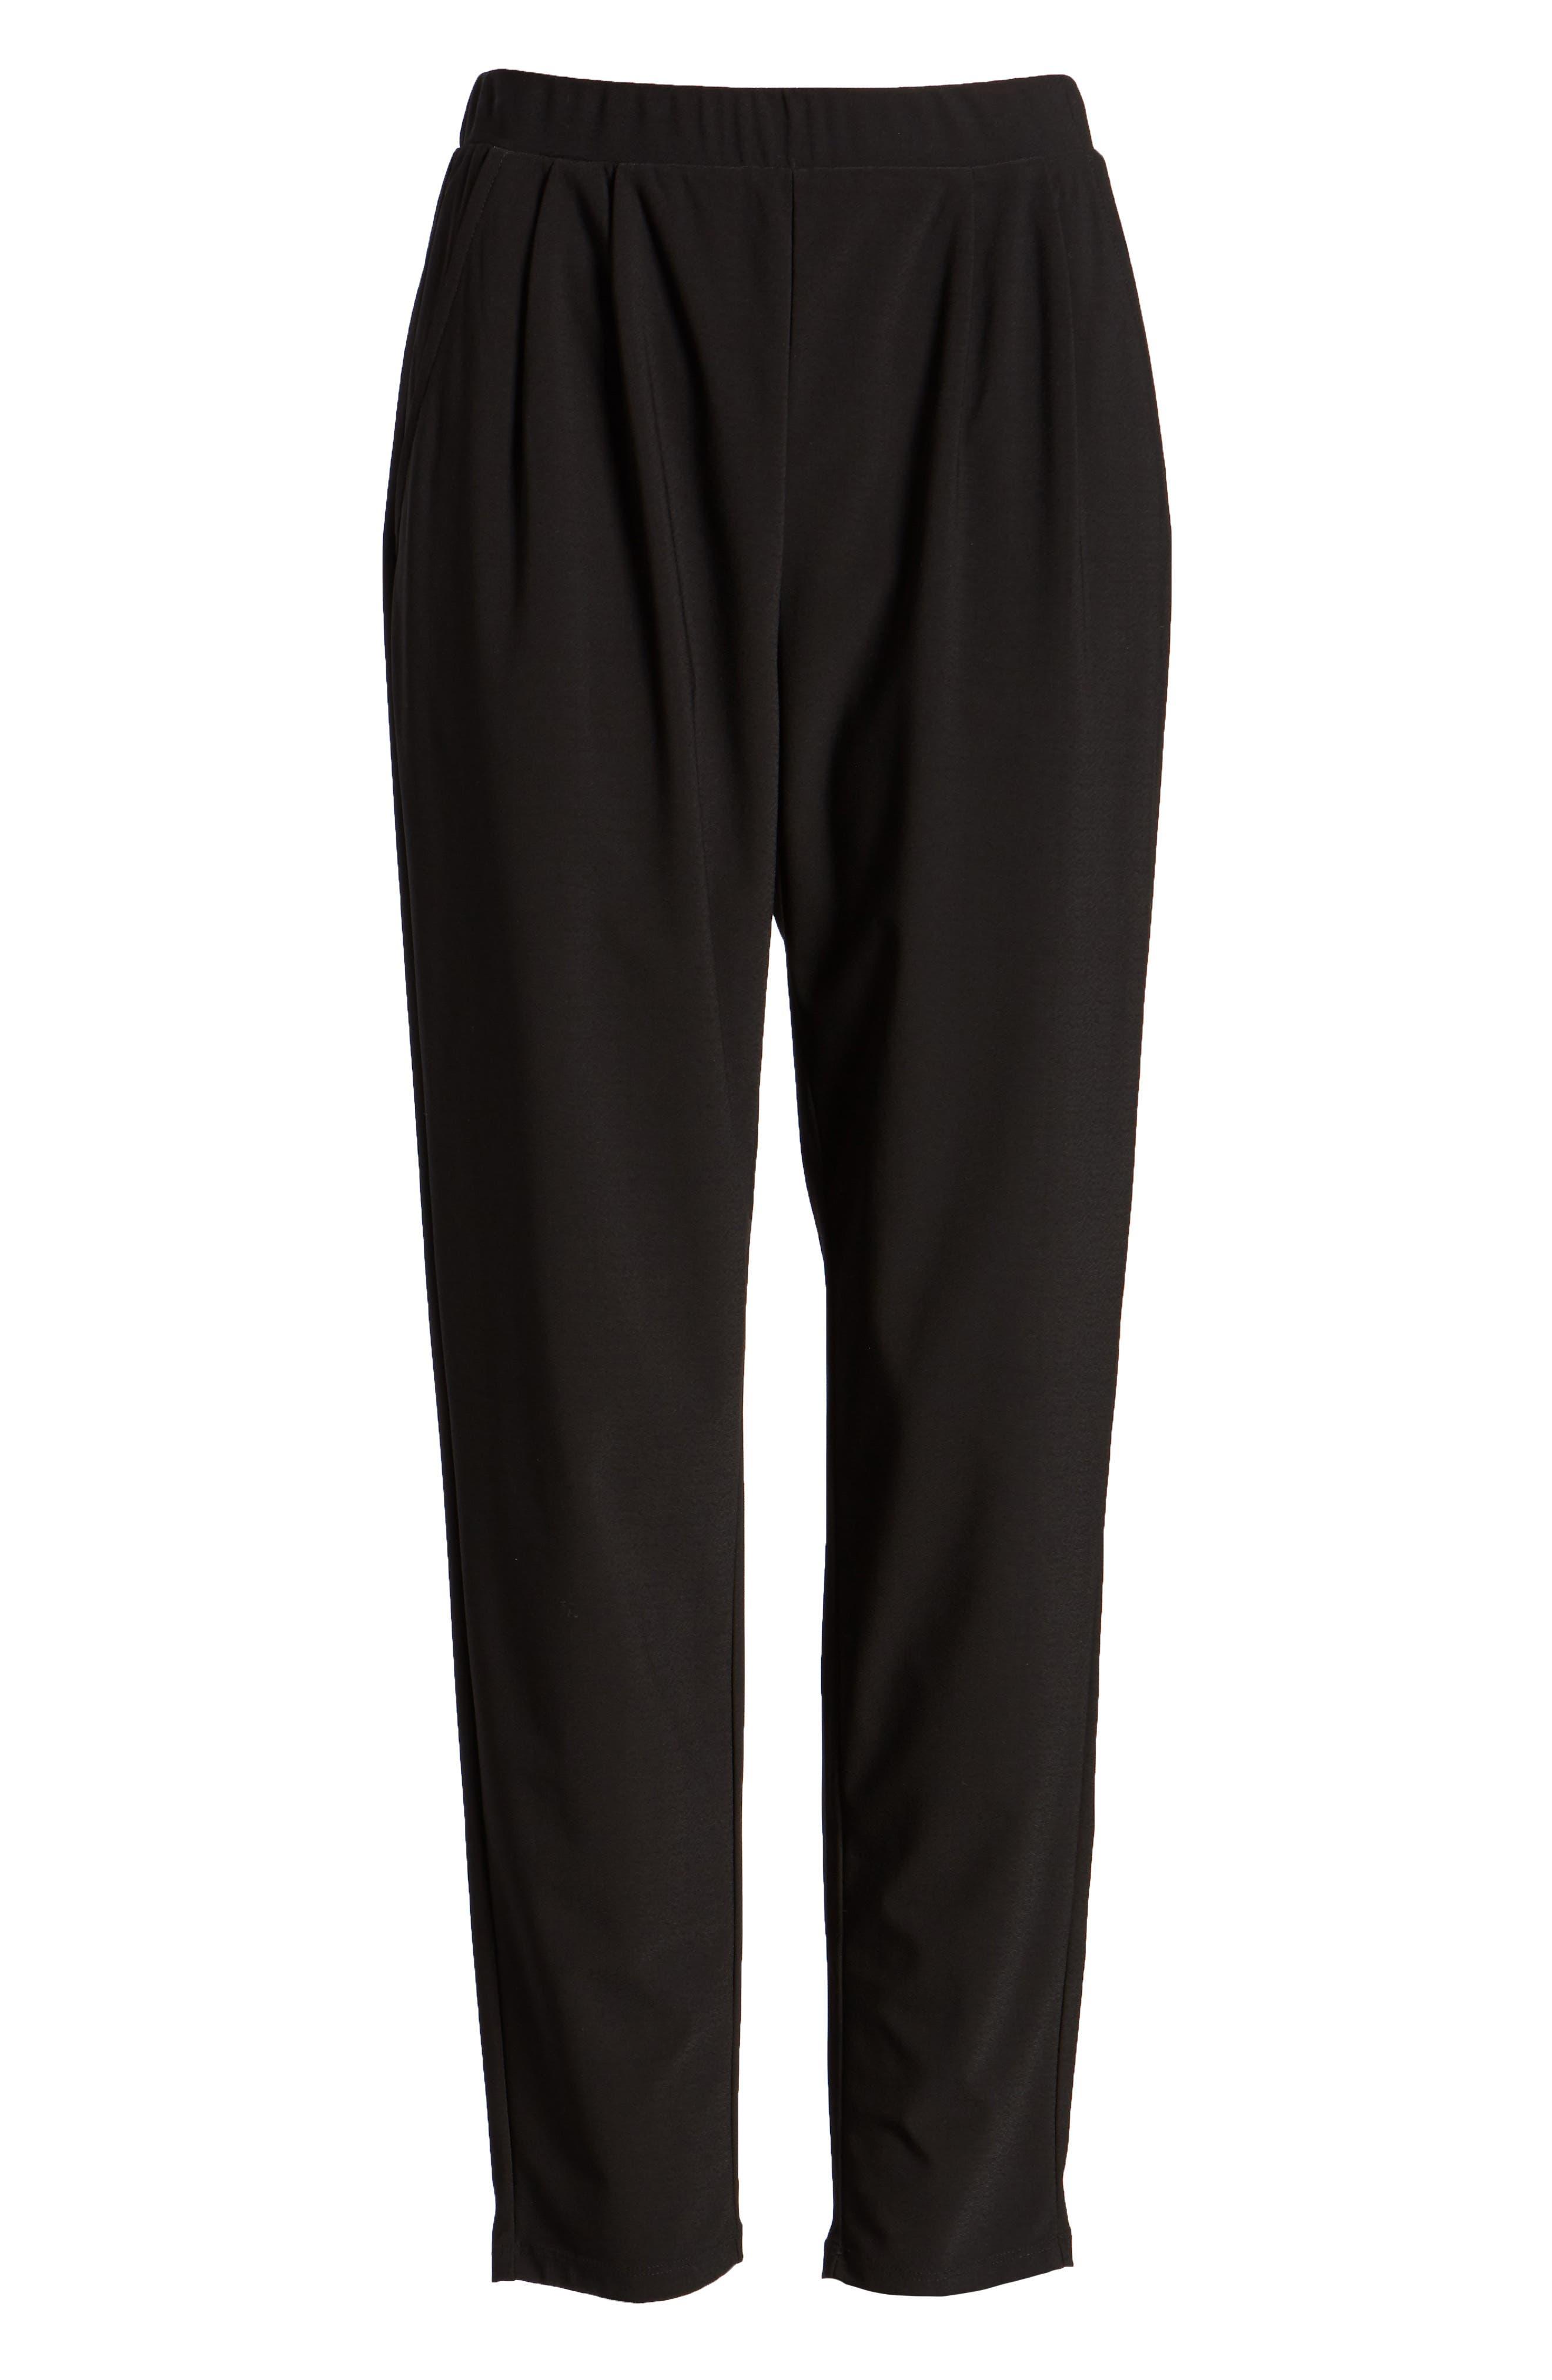 Pleat Front Trousers,                             Alternate thumbnail 7, color,                             BLACK